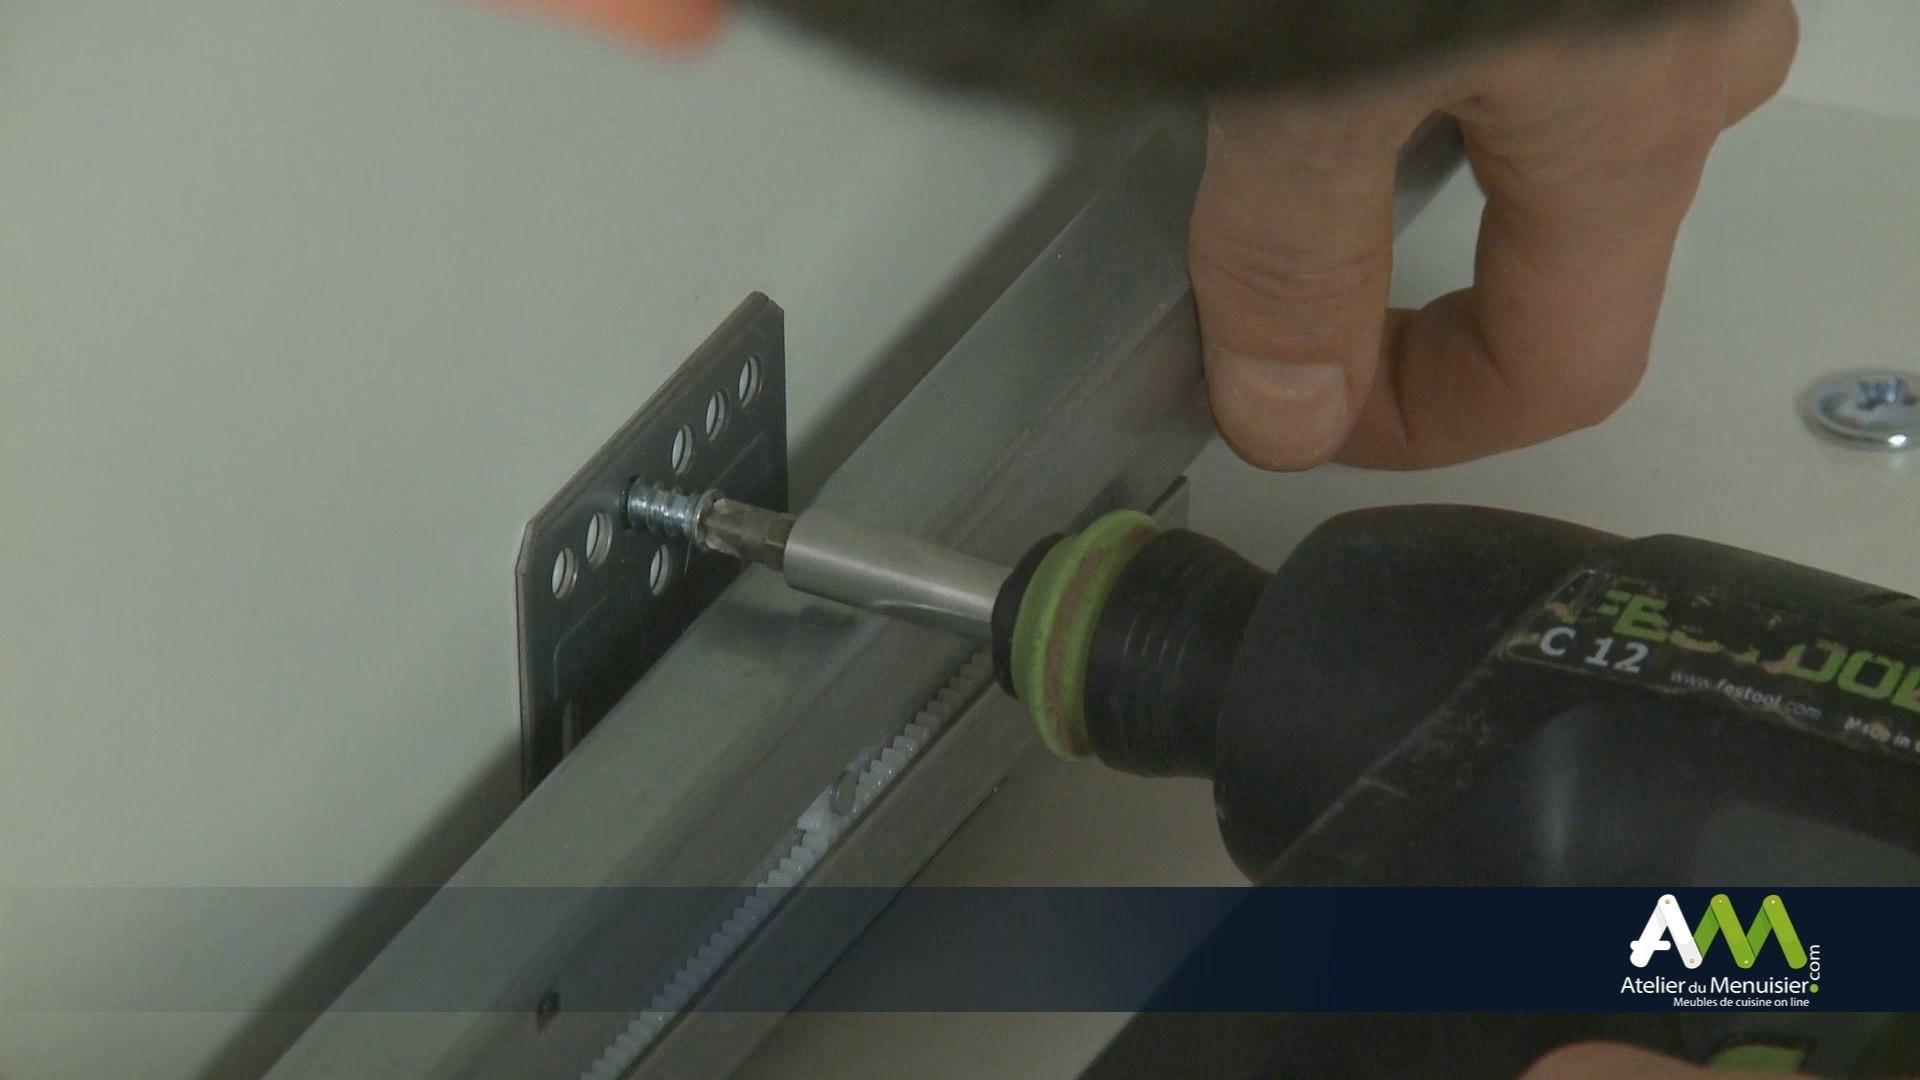 Fabriquer Un Tiroir Coulissant comment monter un tiroir double paroi sur un meuble casserolier ?